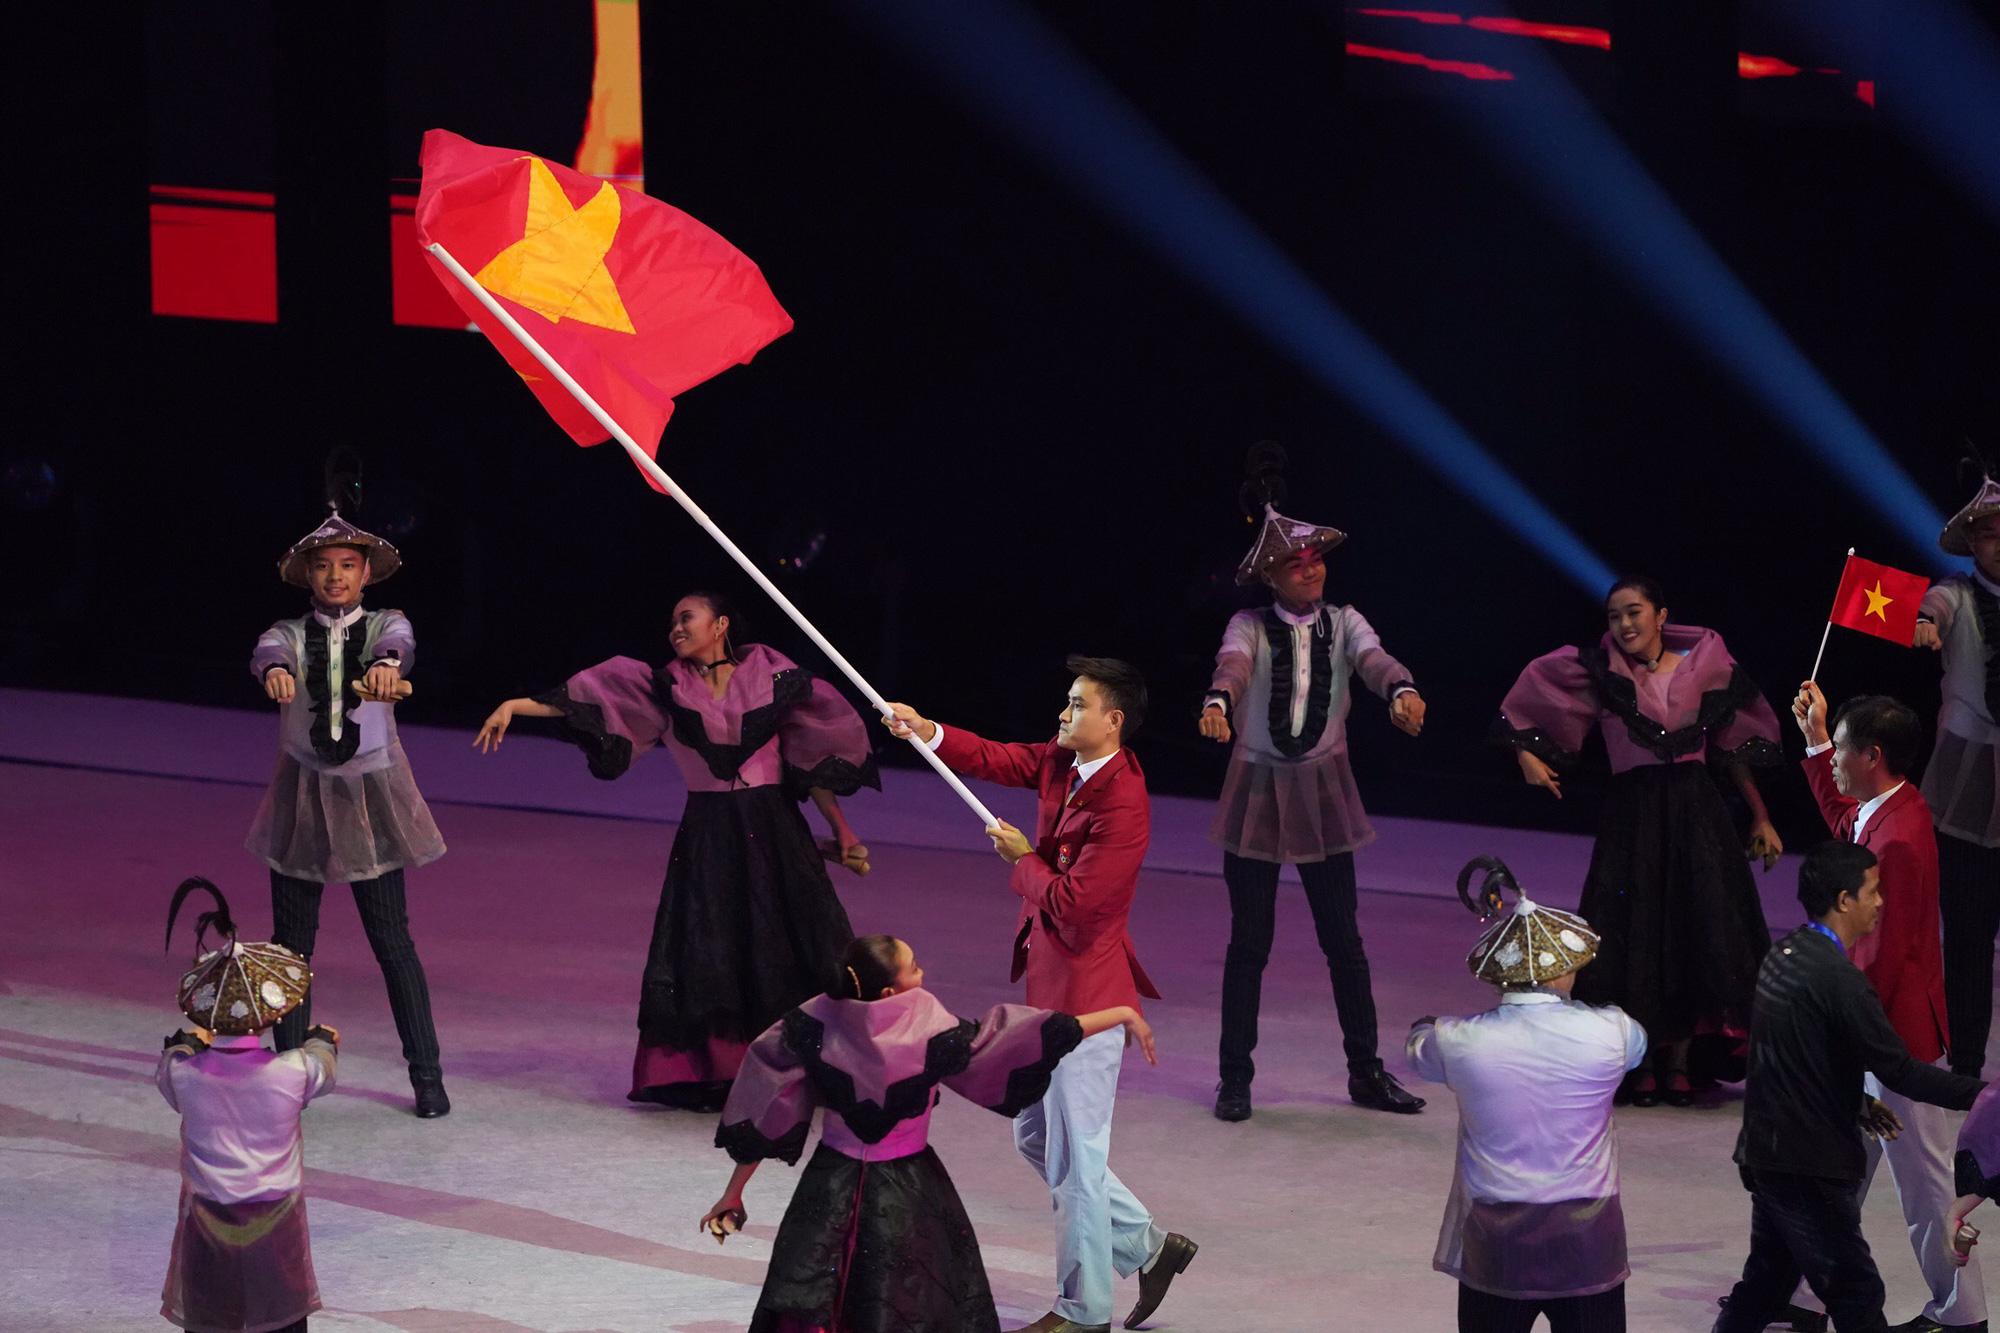 SEAGF đề xuất hoãn SEA Games tại Việt Nam sang năm 2022 - Ảnh 1.